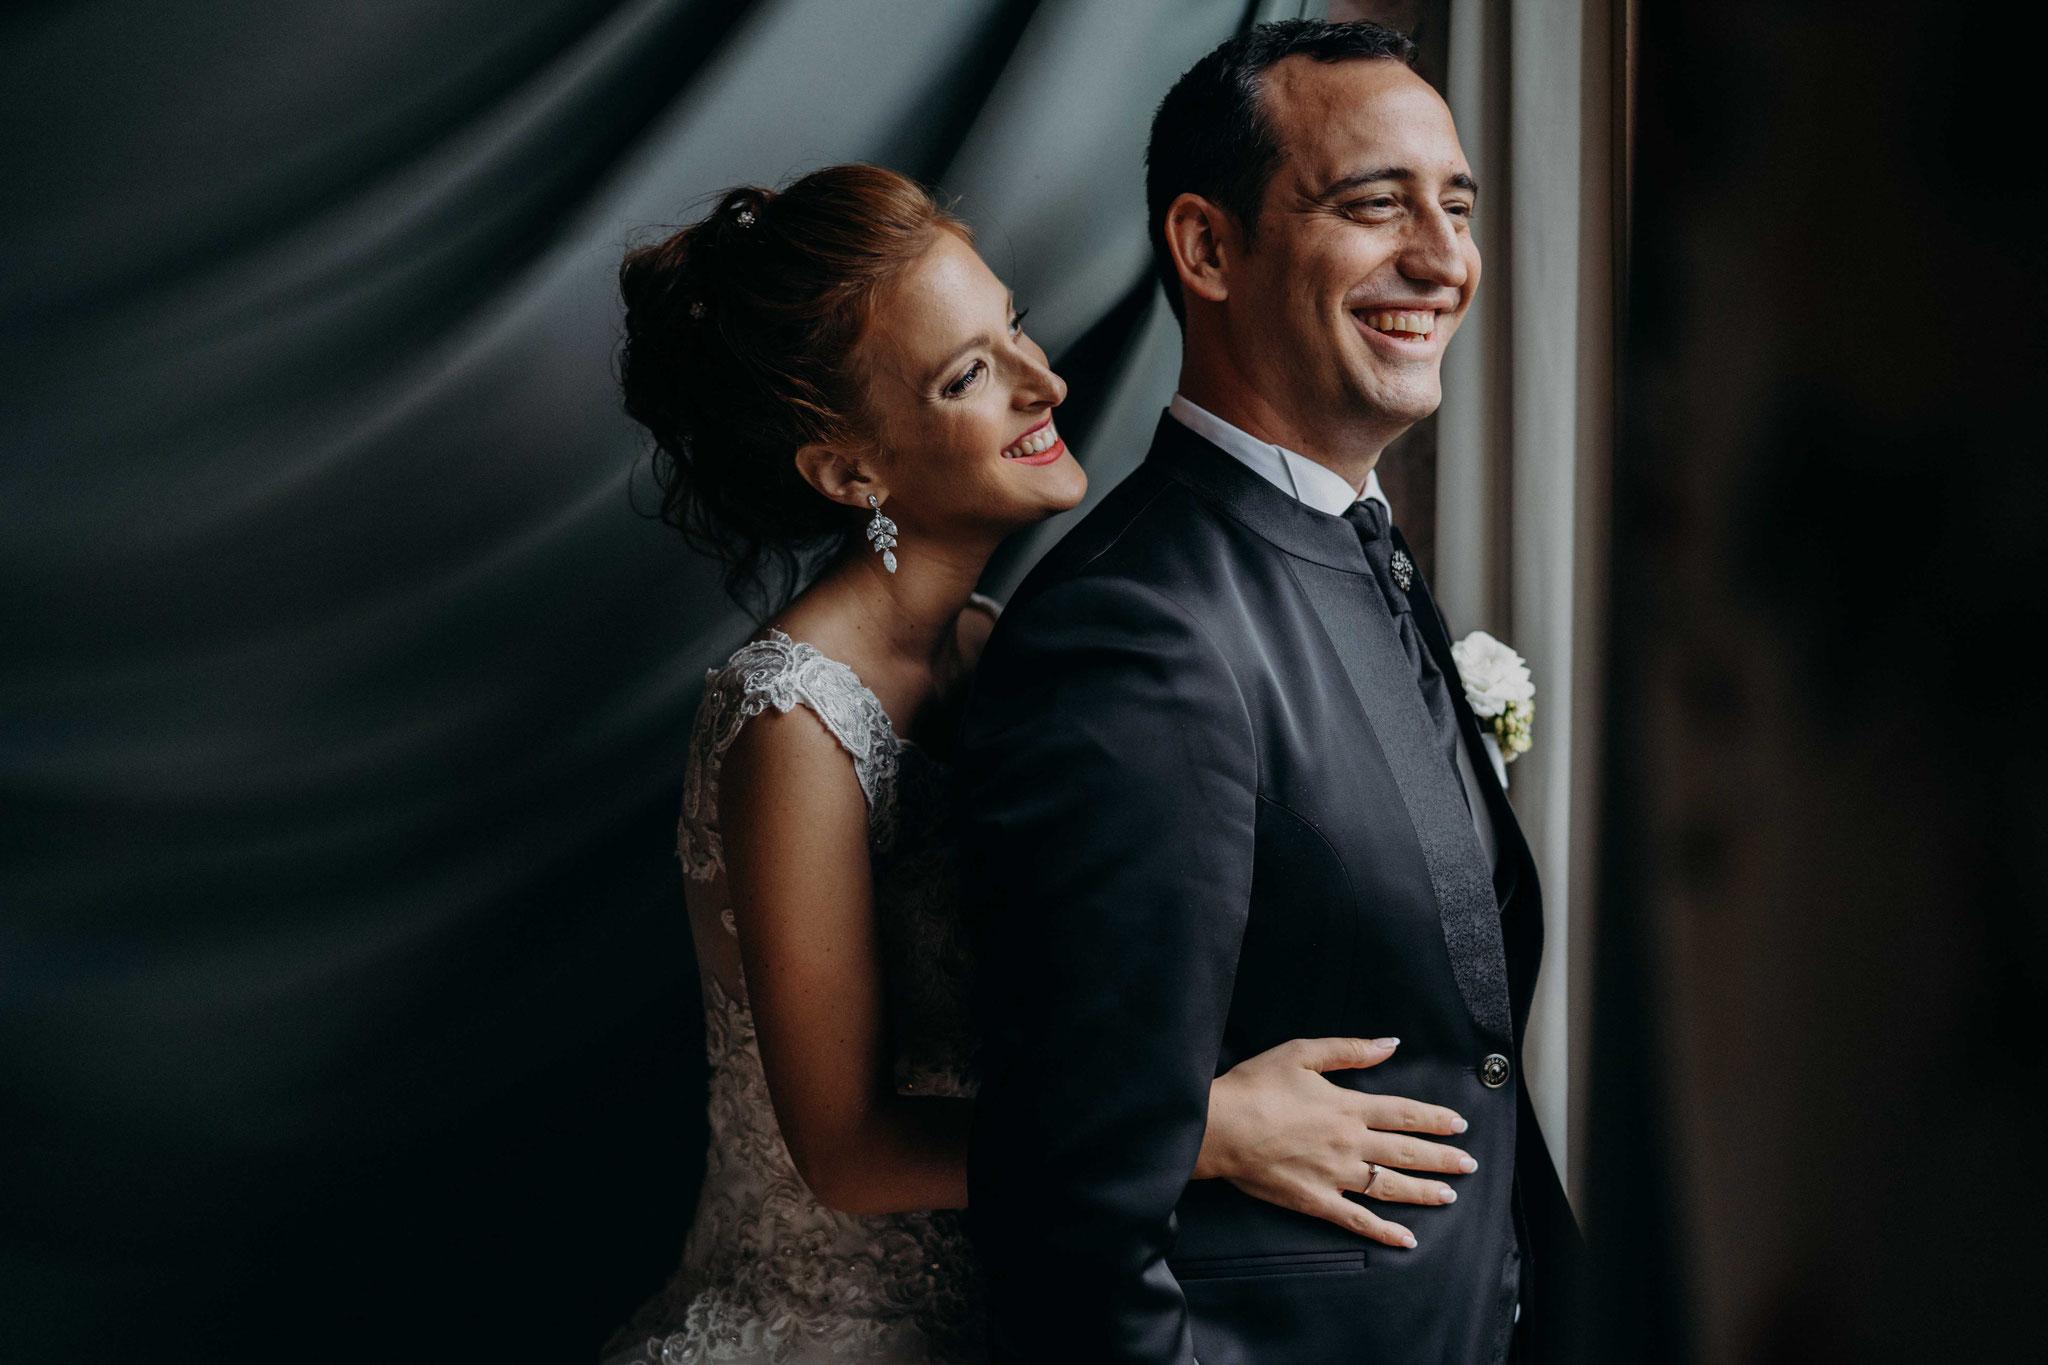 tuscany_wedding_photographer_56